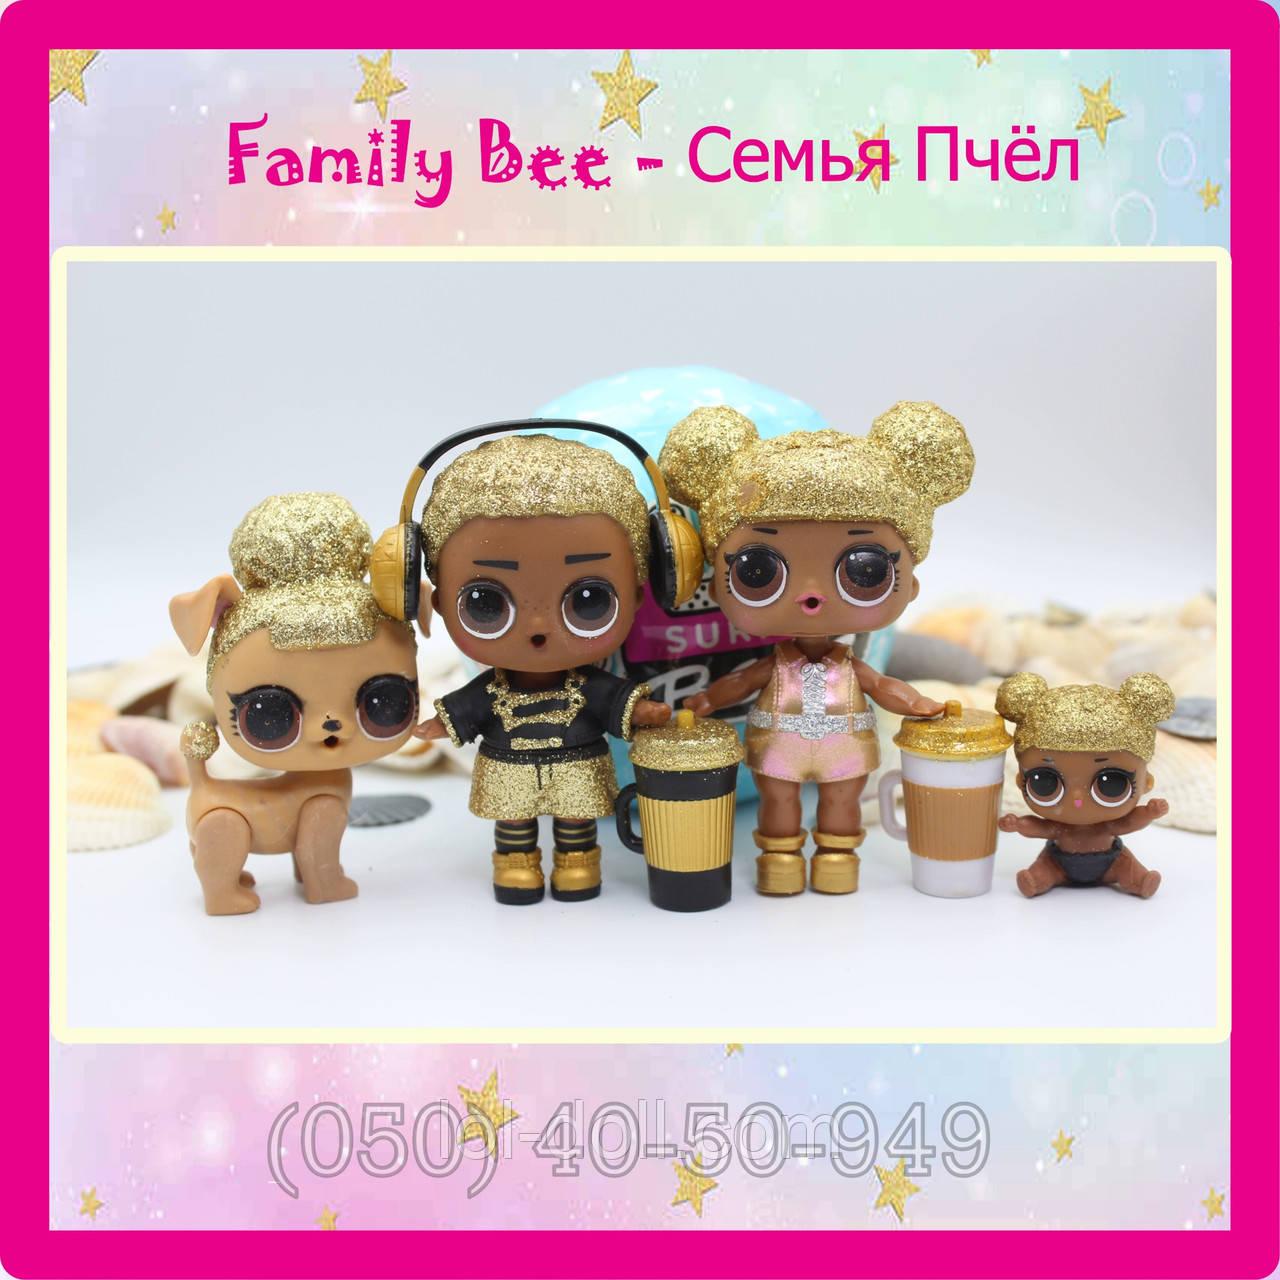 Семья Кукла LOL Surprise Family Bee - Мальчик Пчела Старшая сестричка Малышка Питомец Лол Сюрприз